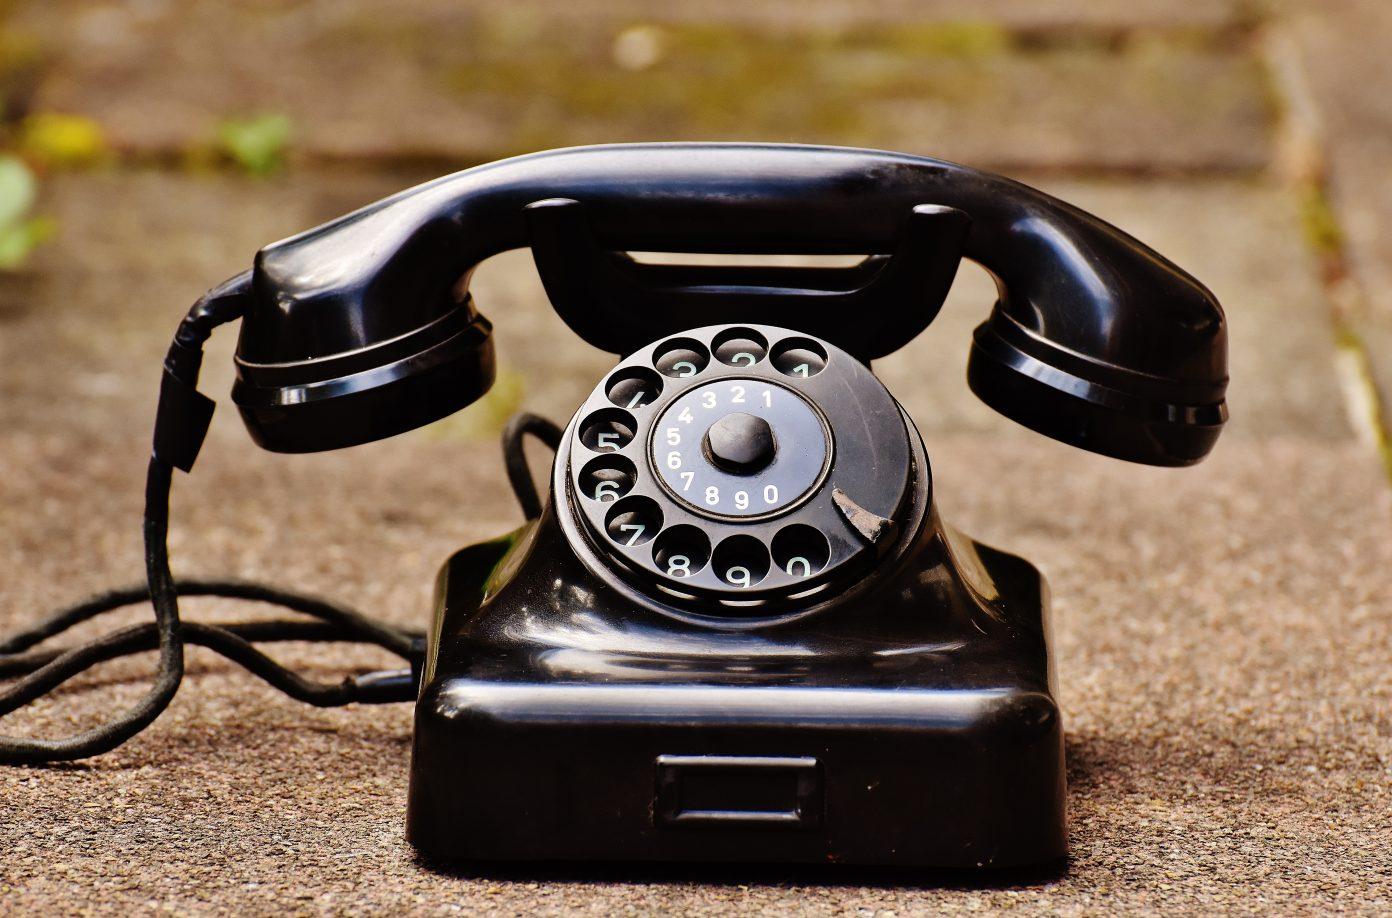 Қазақстан жаңа телефон кодына қашан ауысады?